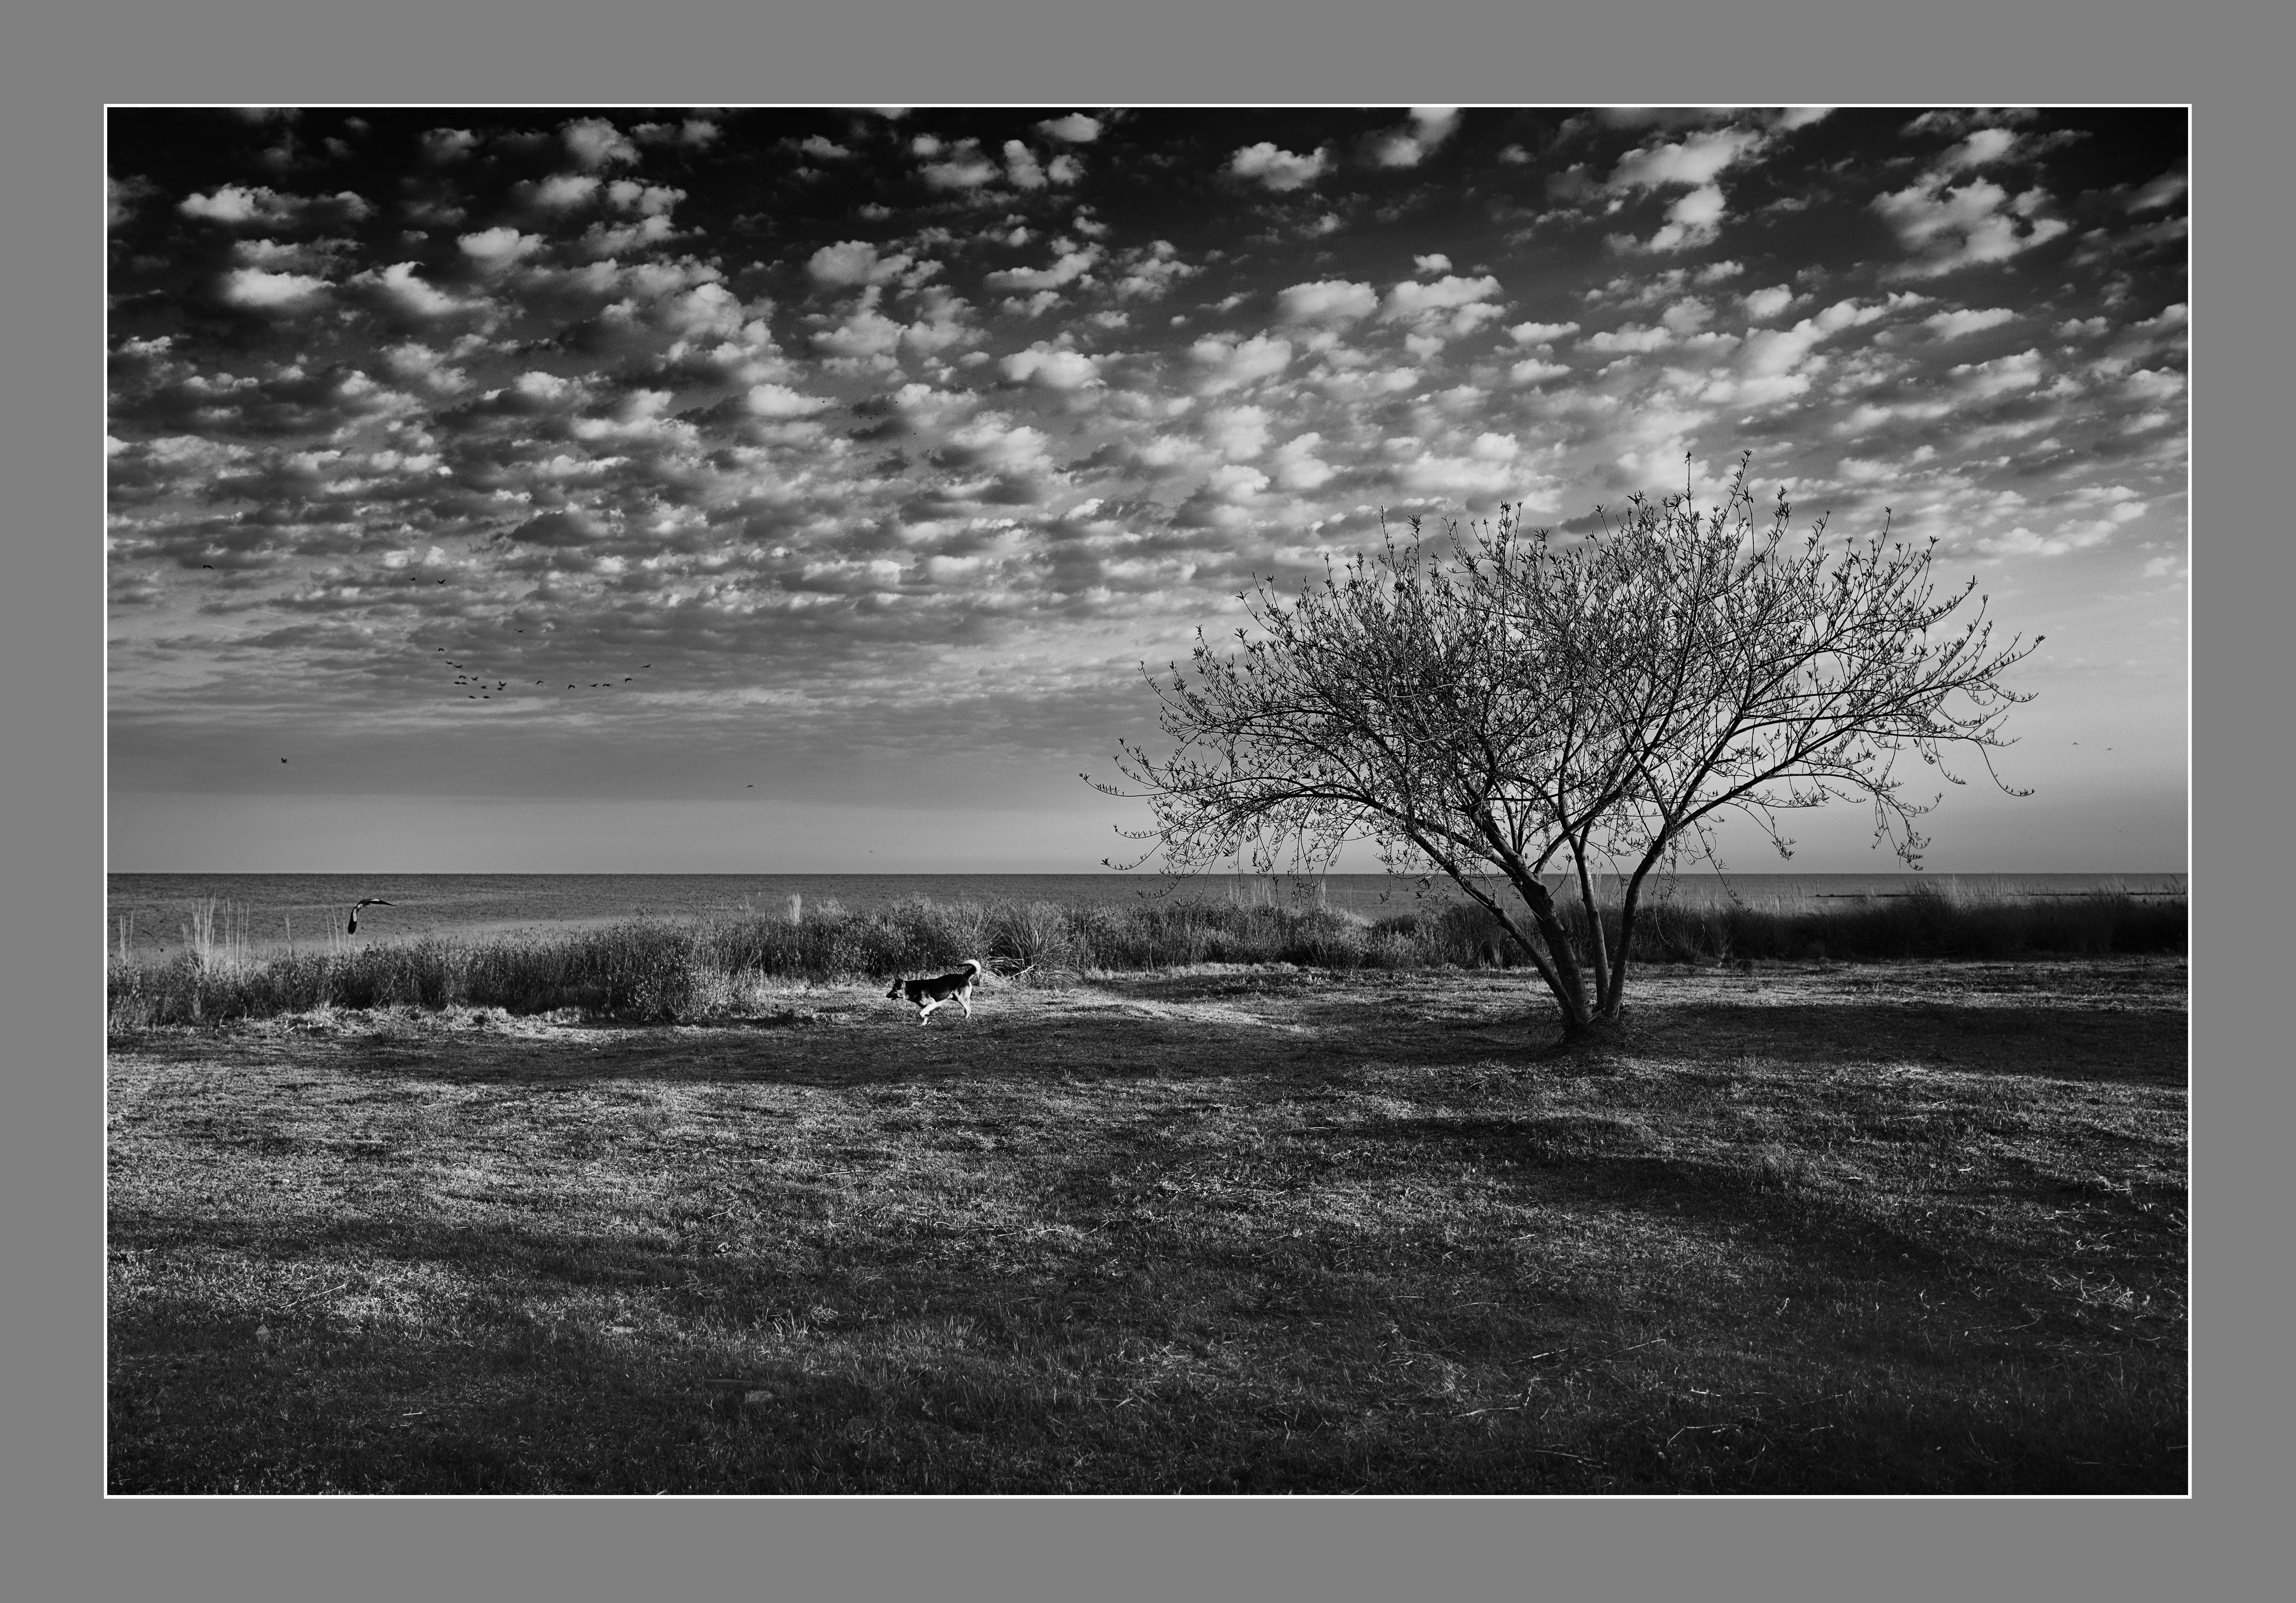 El árbol, el perro y el ave. Mar de Ansenuza, Miramar, Córdoba, Argentina